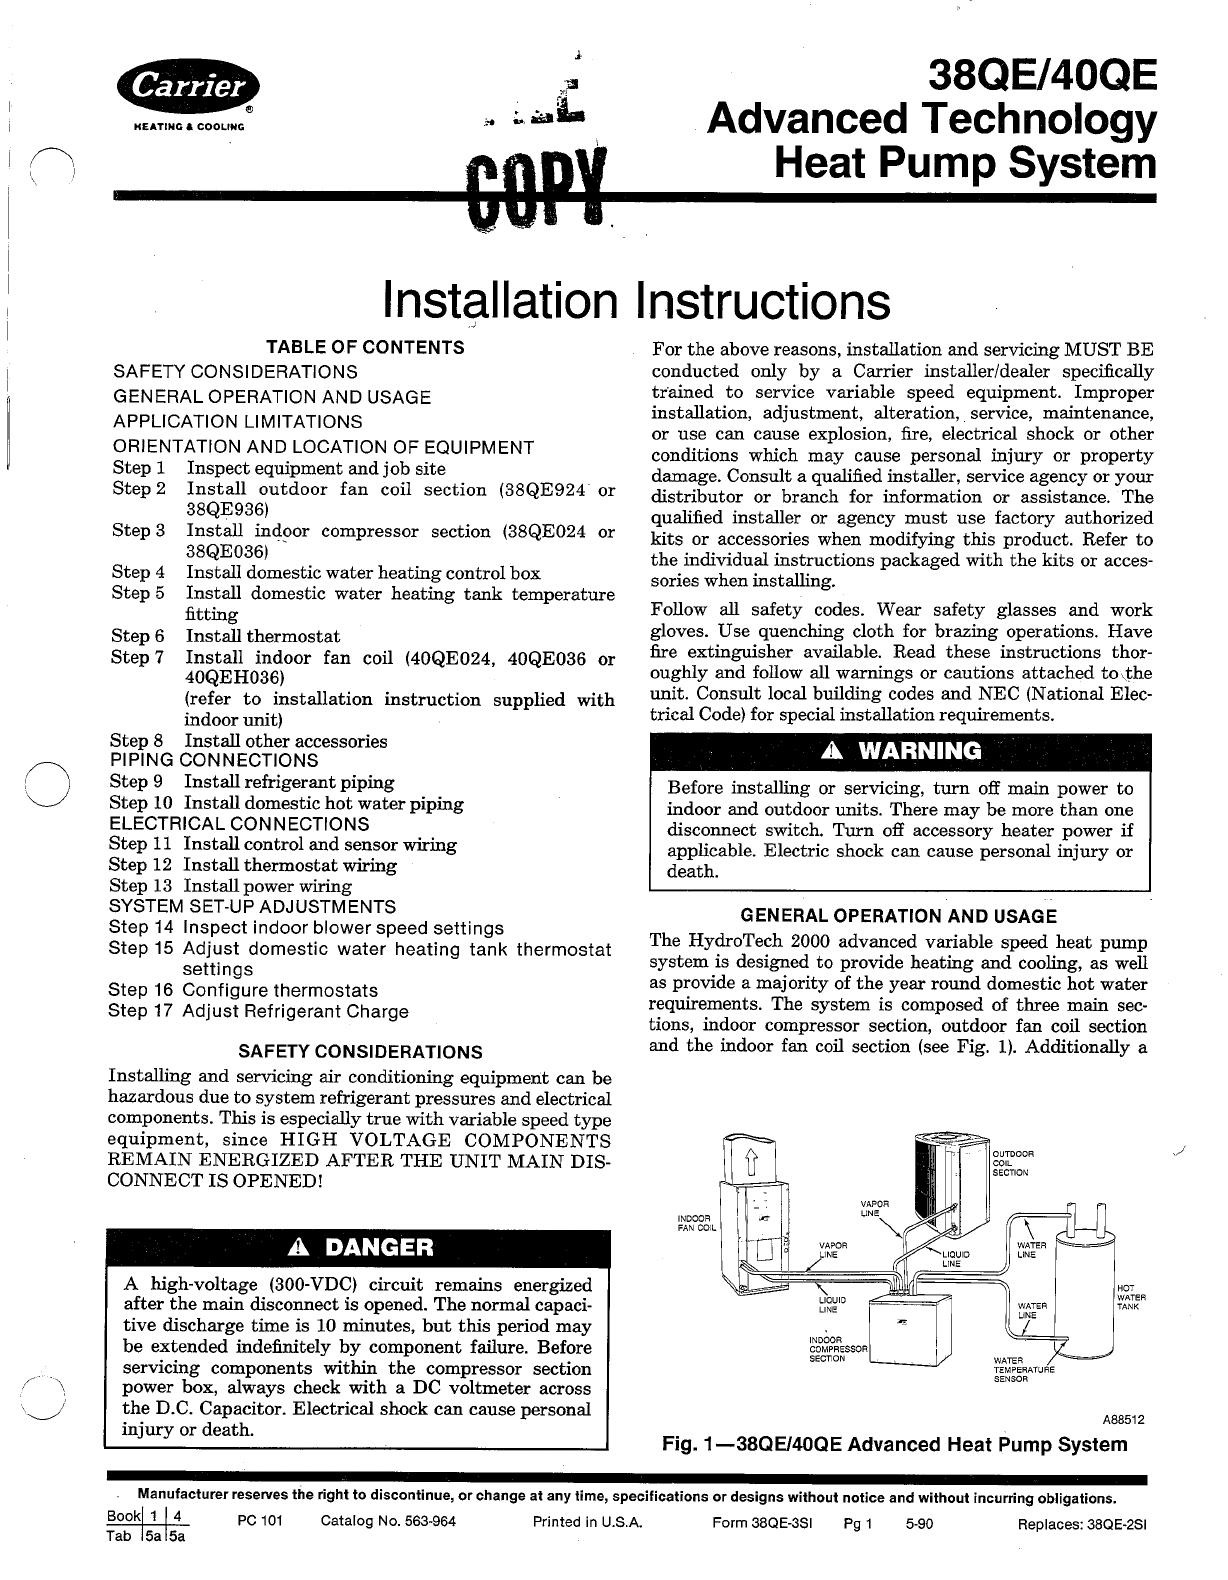 carrier heat pump 40qe user guide manualsonline com Carrier 3.5 Ton Heat Pump Carrier Heat Pump Package